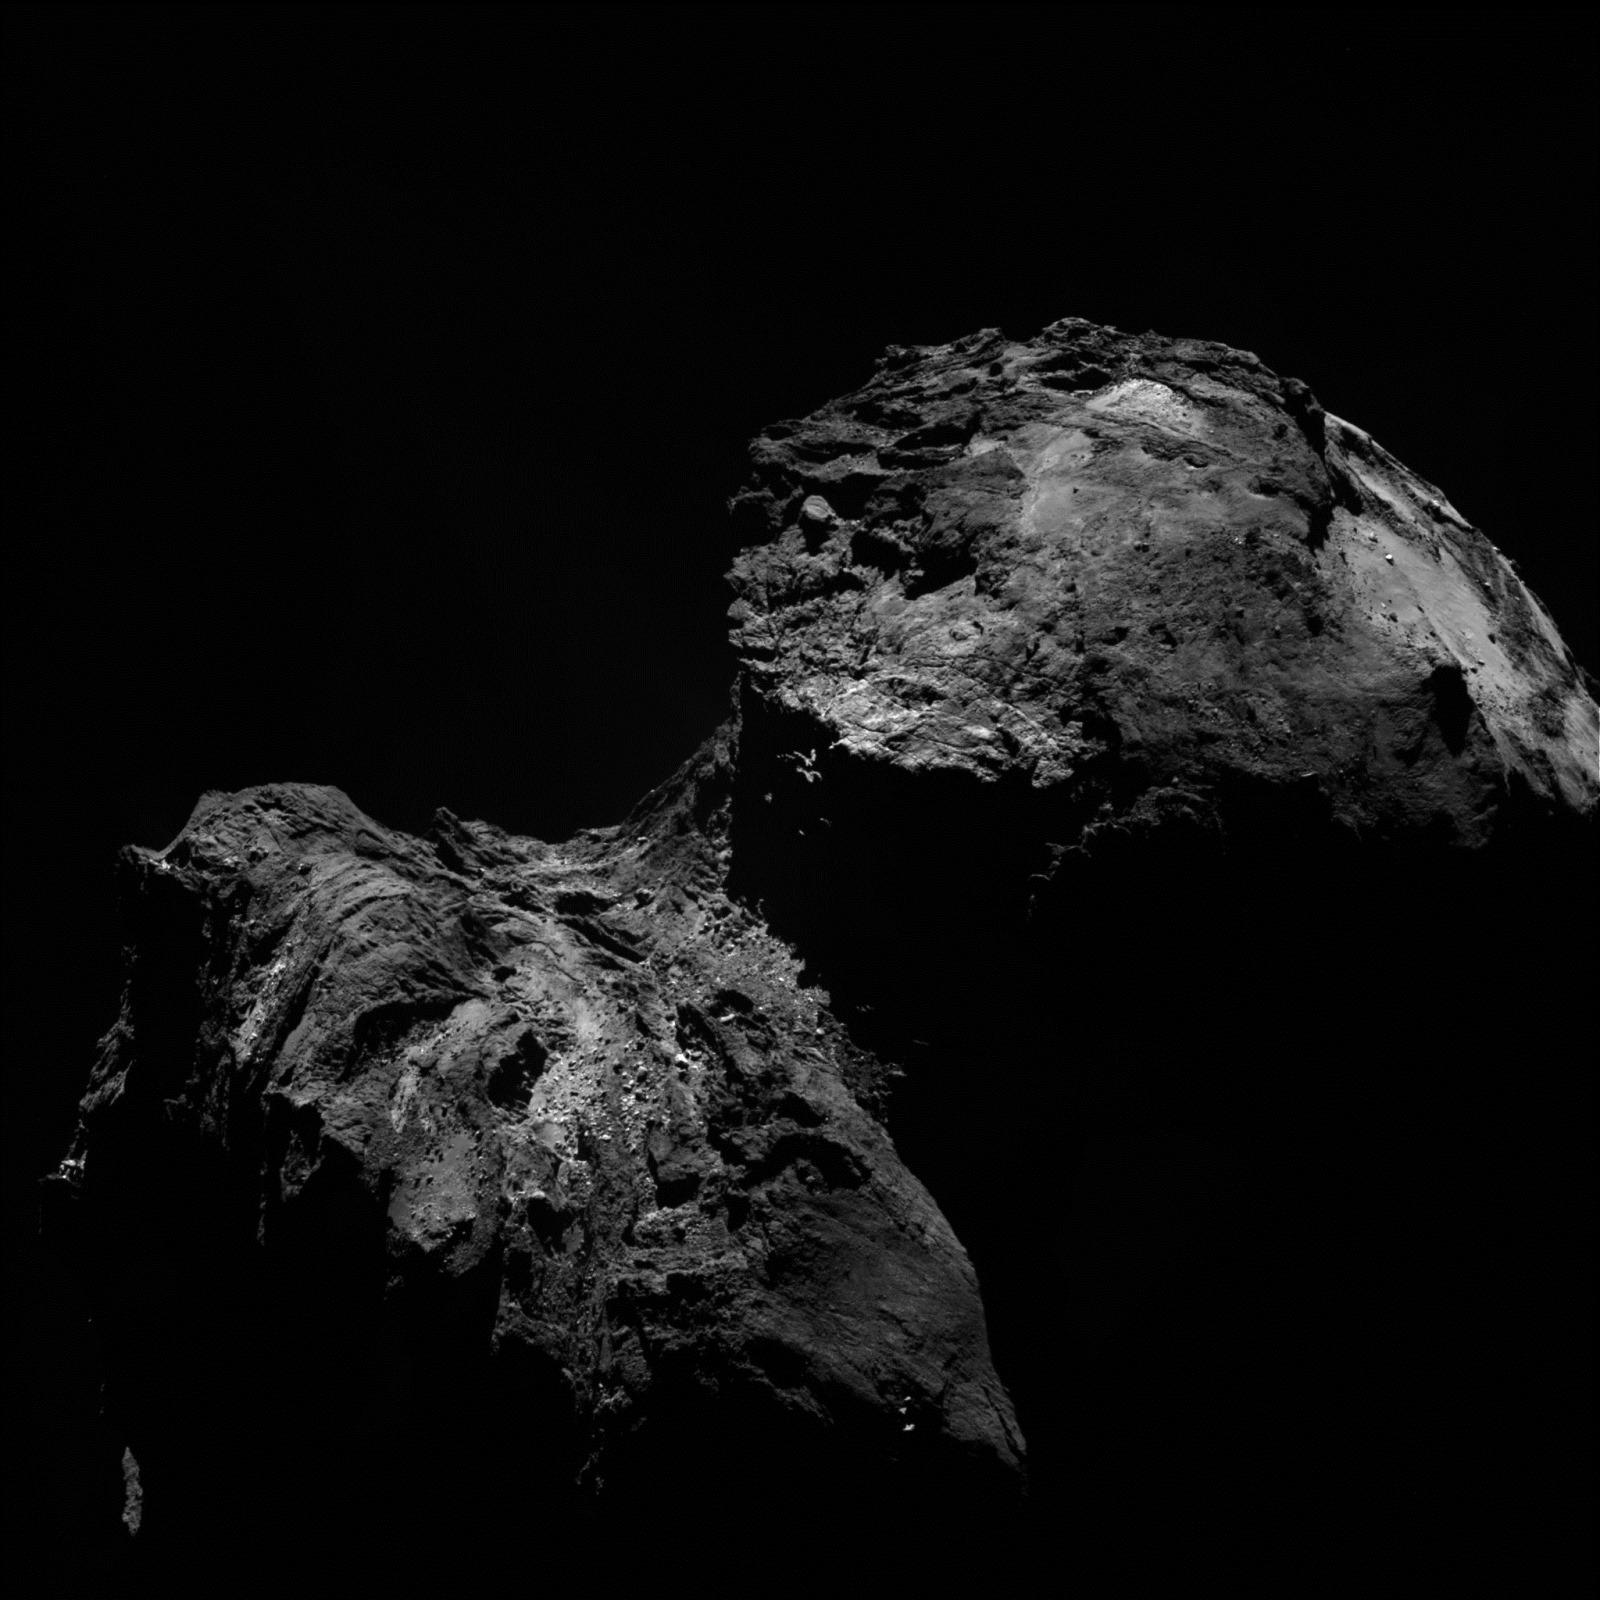 C'en est fini de l'atterrisseur Philae qui n'a pas répondu sur sa comète au dernier appel de la Terre